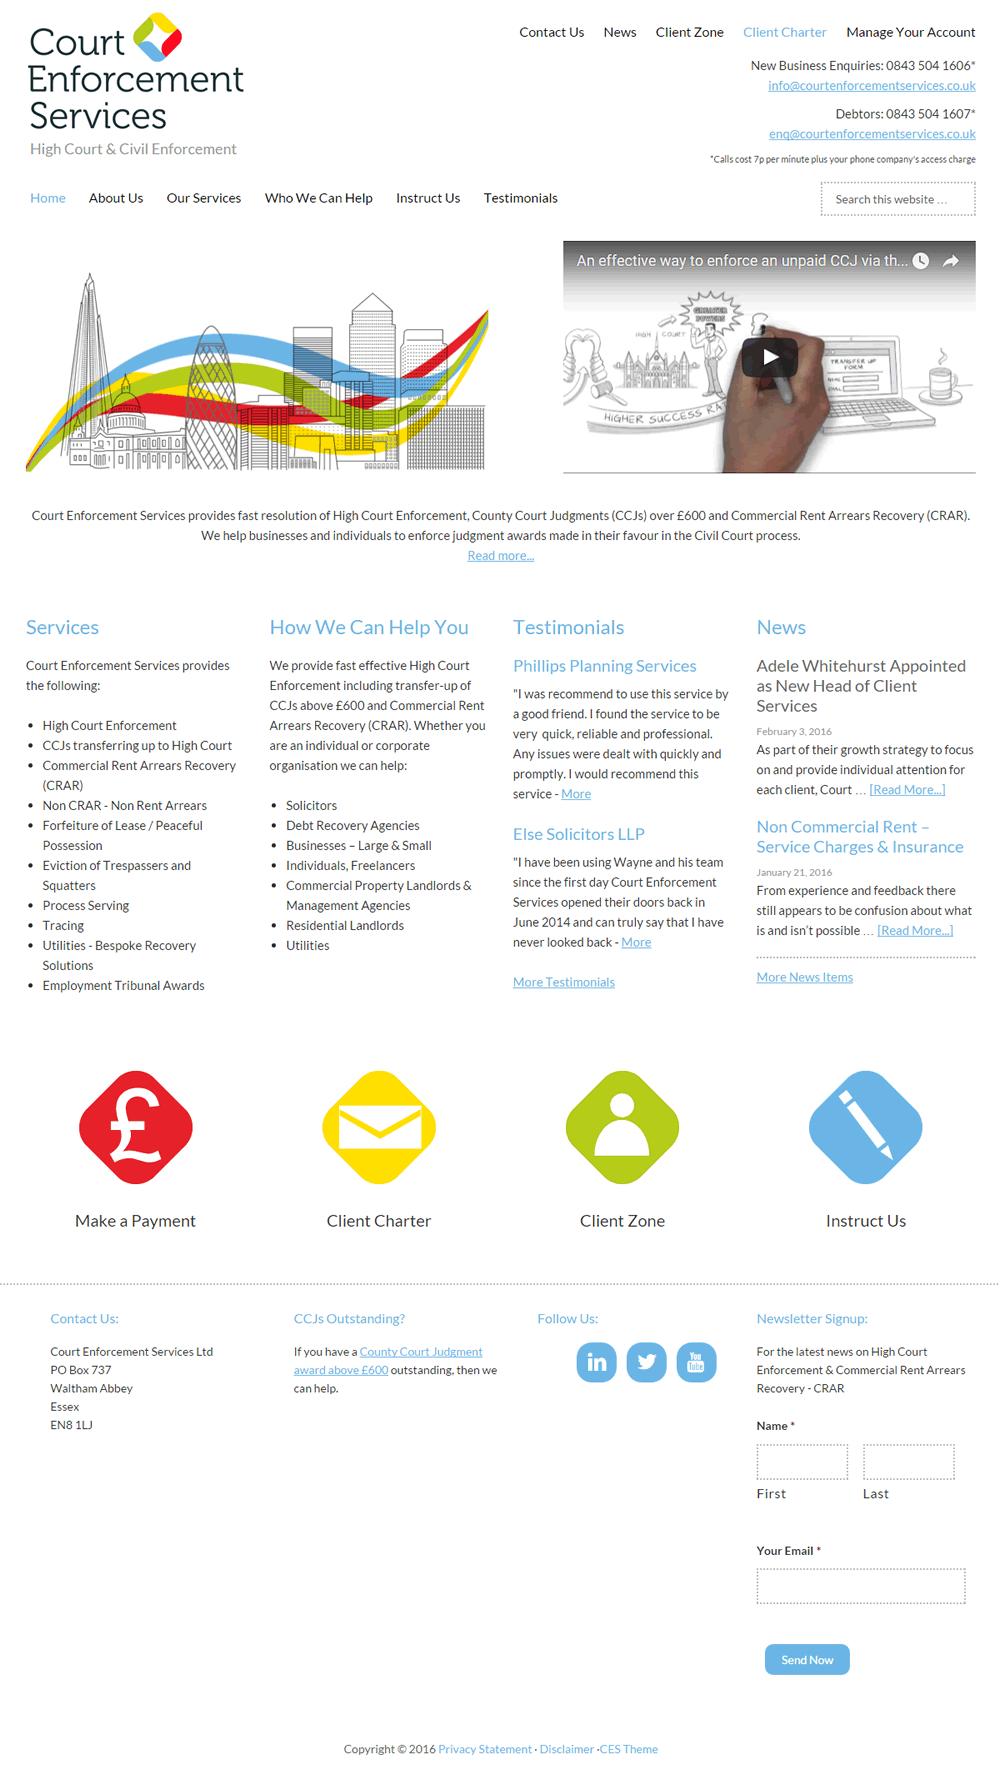 Web design for Court Enforcement Services, Waltham Abbey, Essex